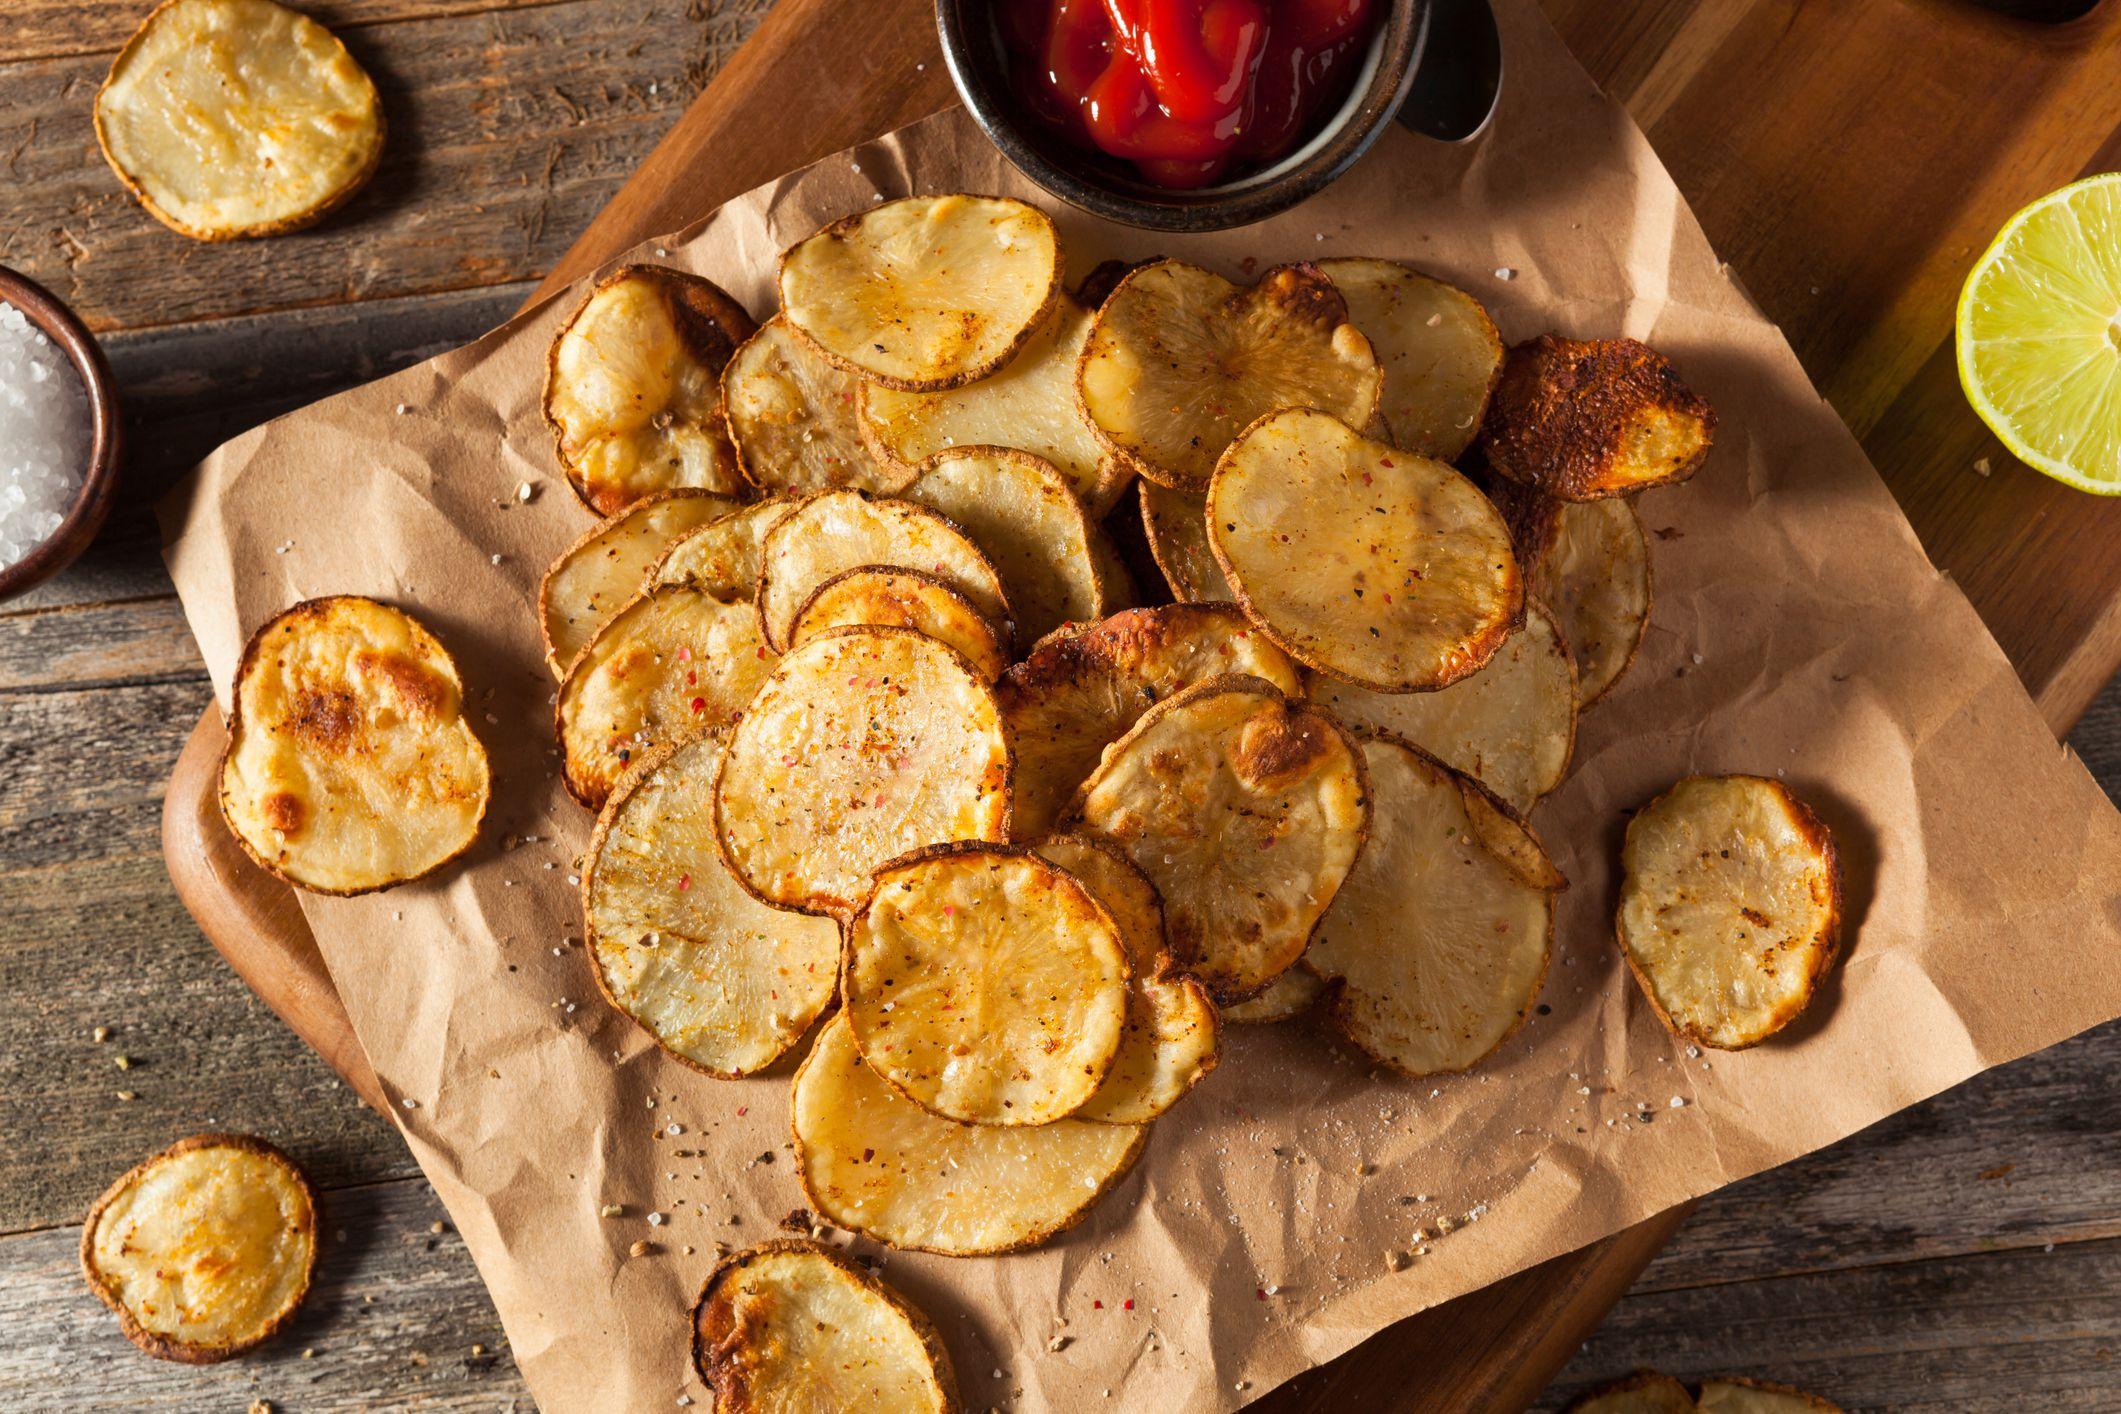 Baked potatoe chips